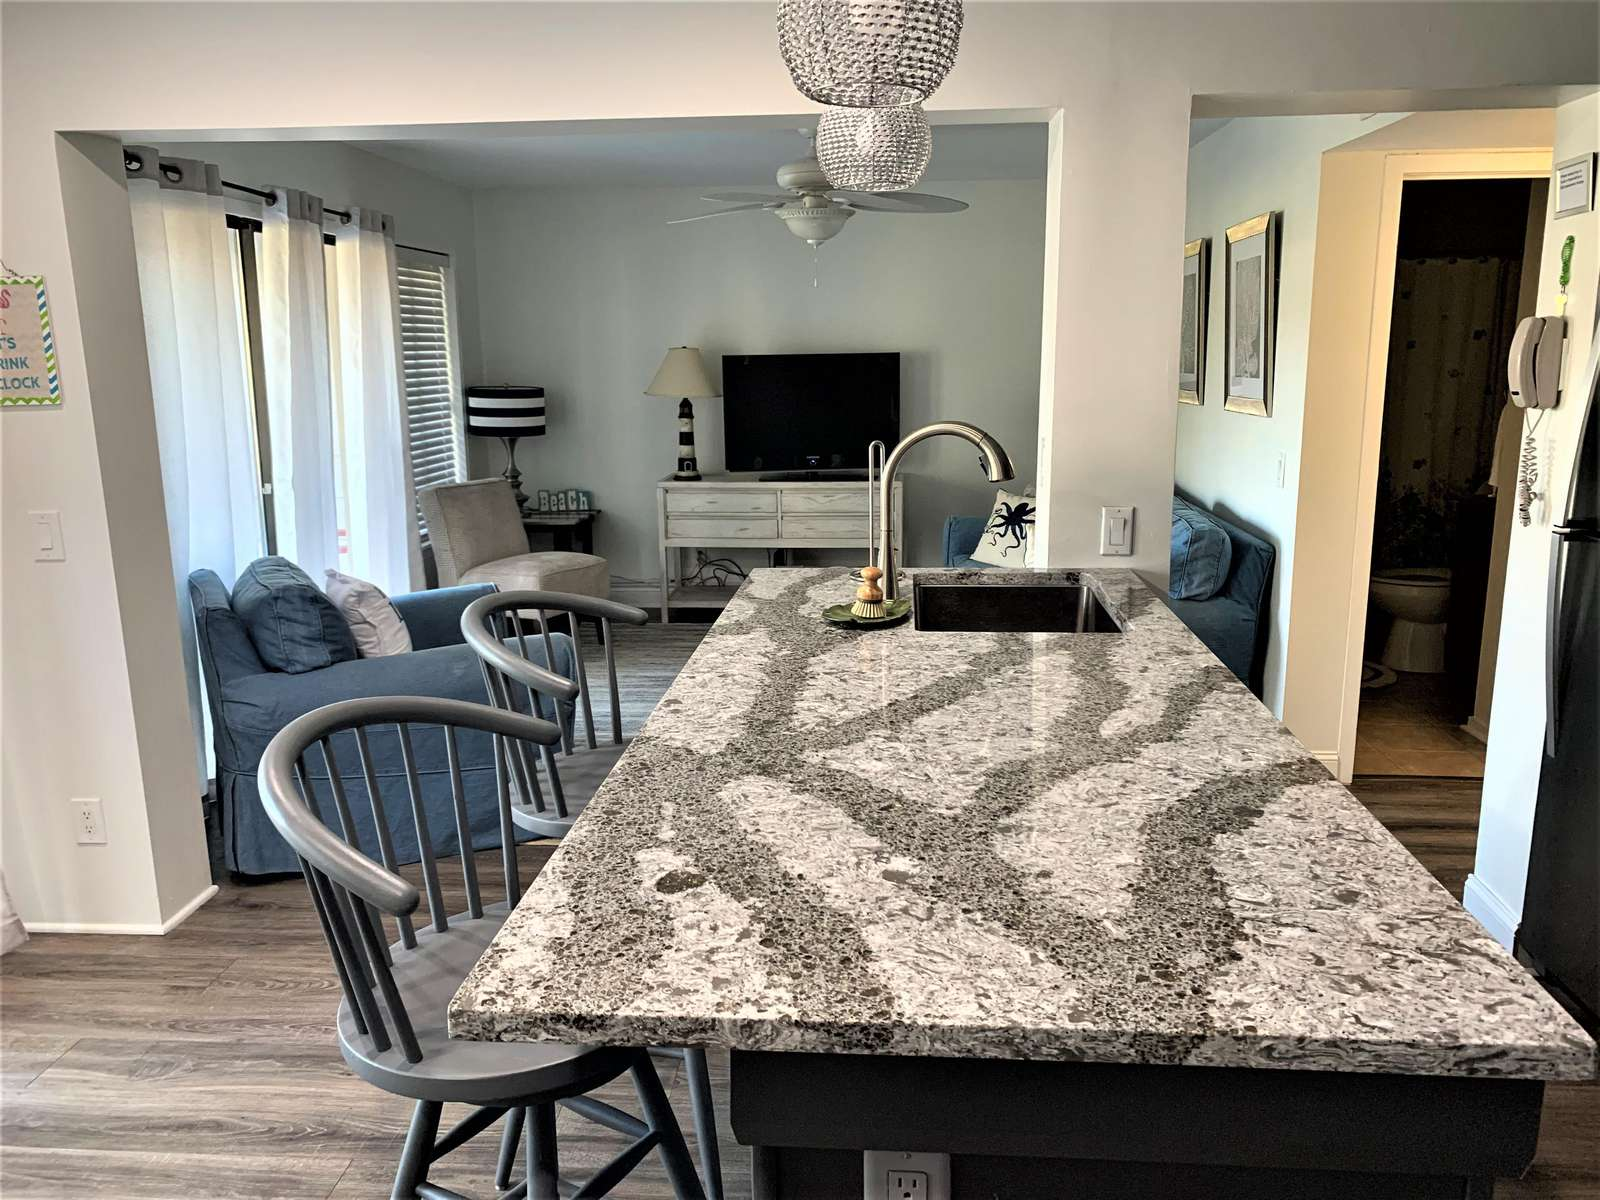 Open Floor Plan from kitchen to livingroom